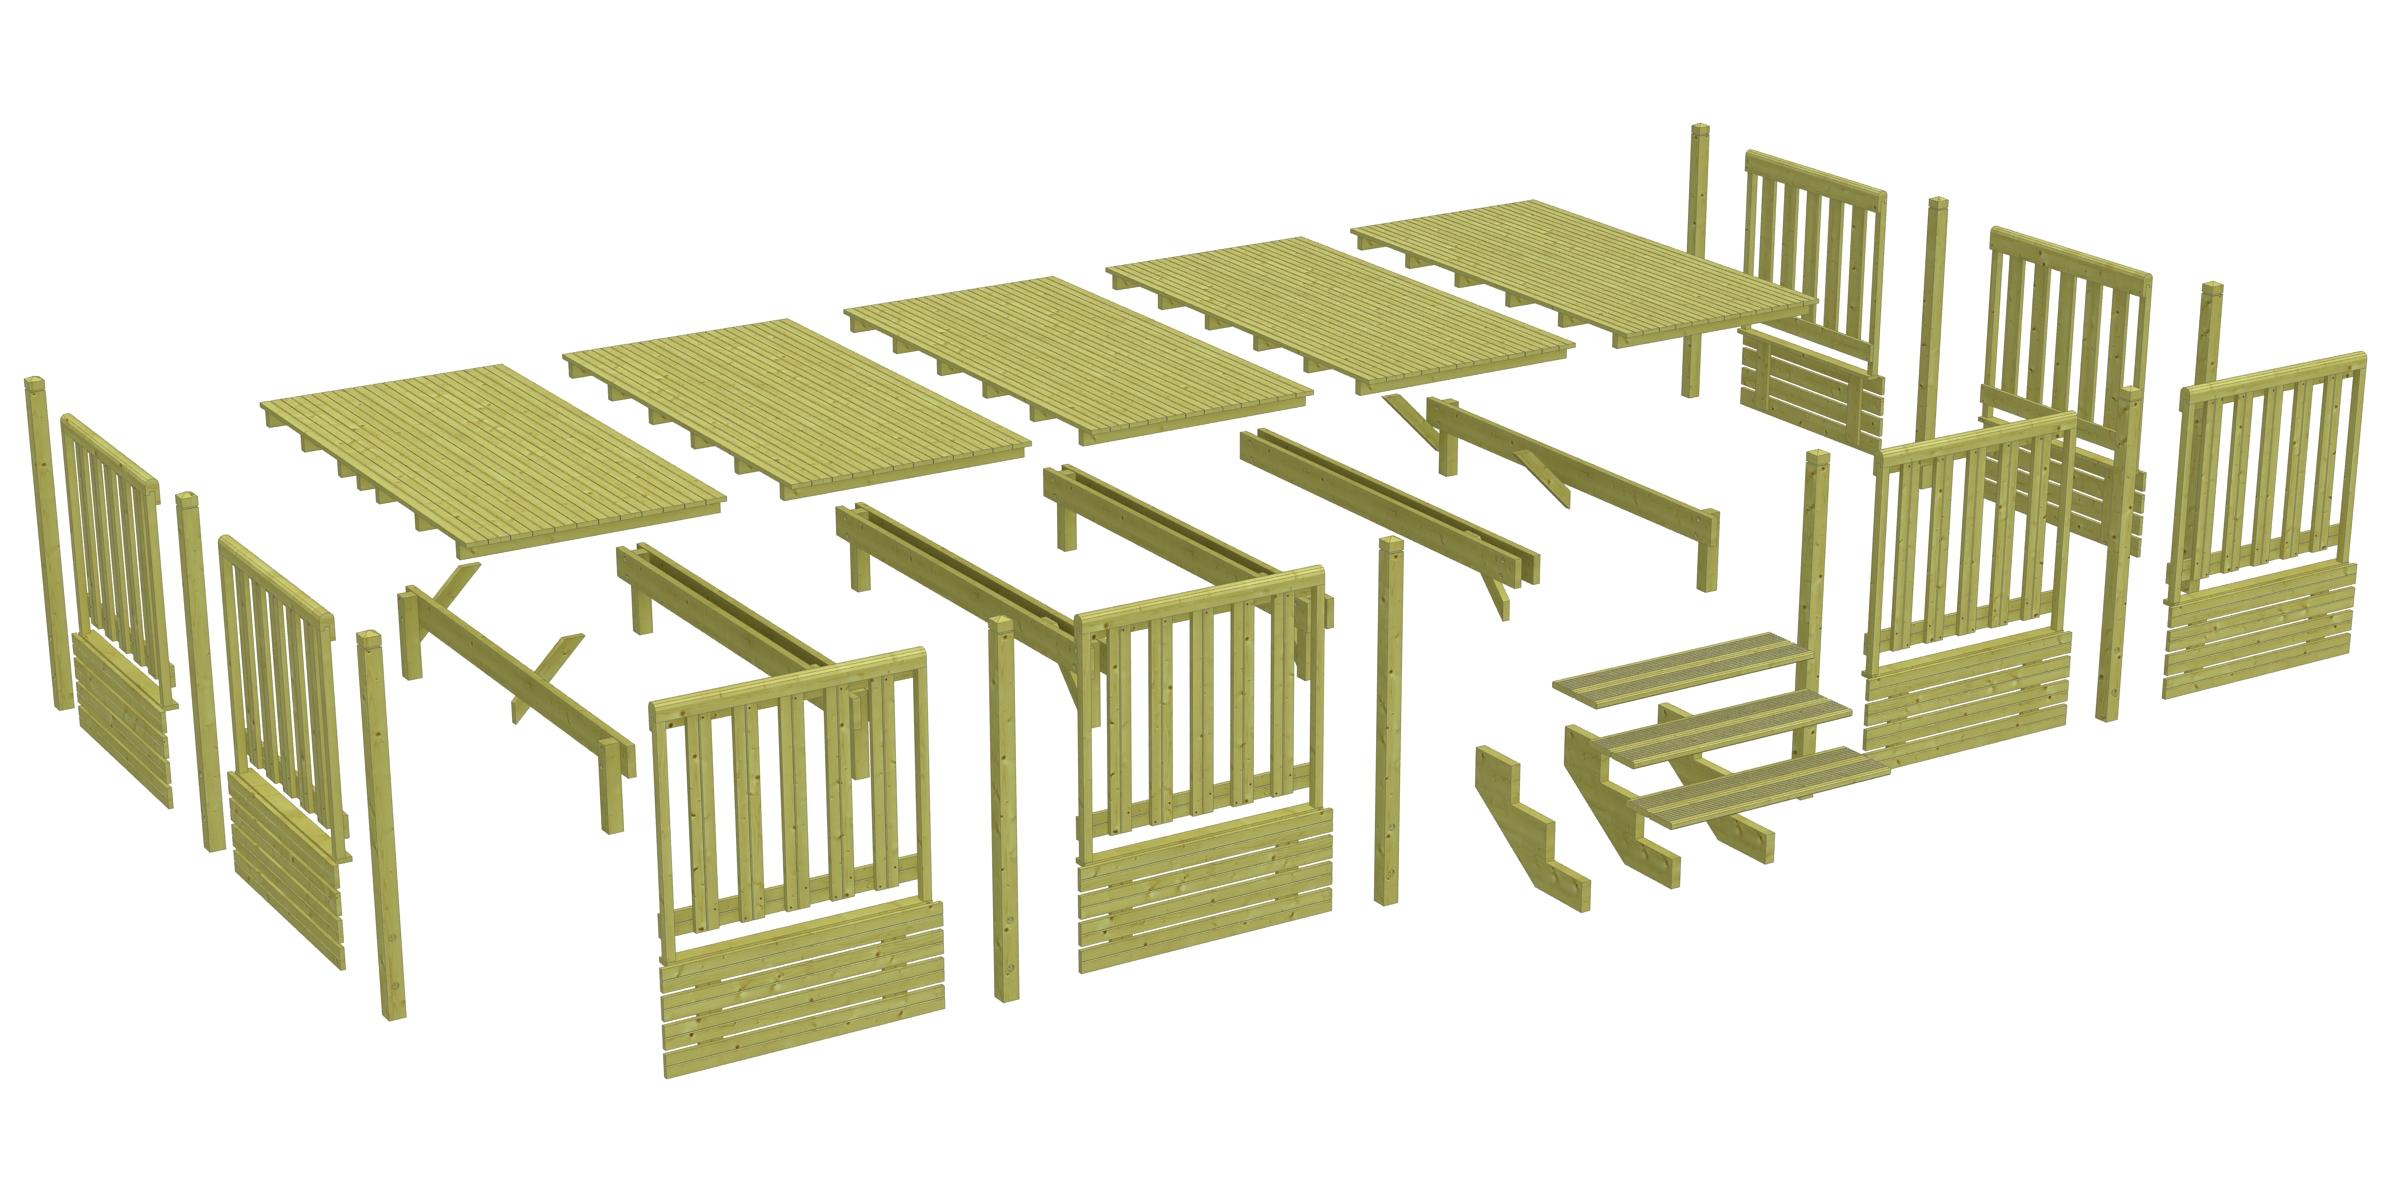 Terrasse bois couverte pour mobil-home